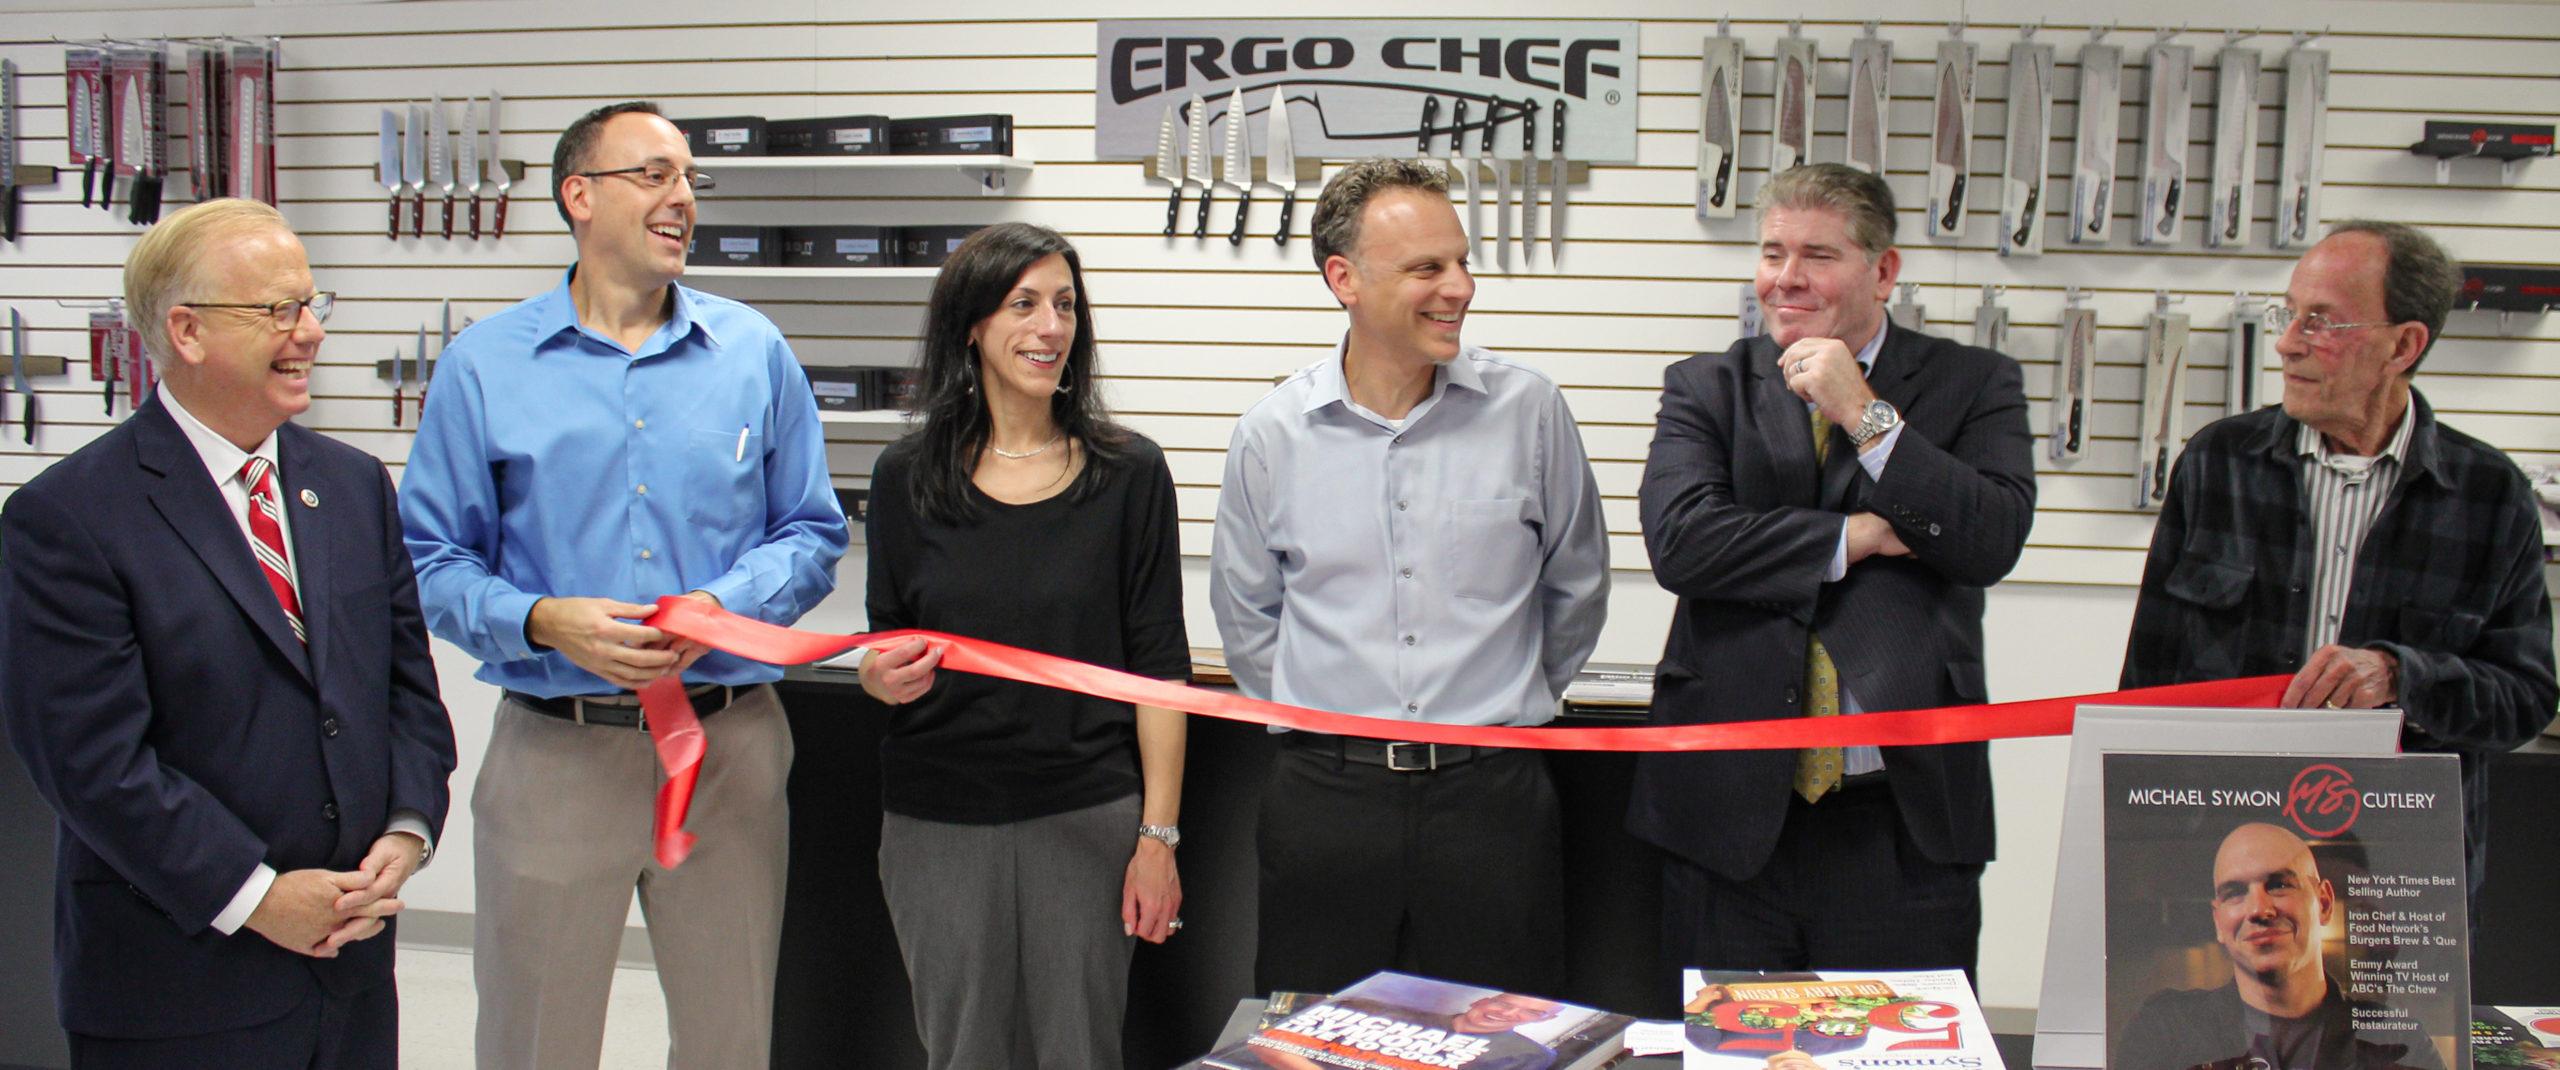 Ergo Chef Store Grand Opening